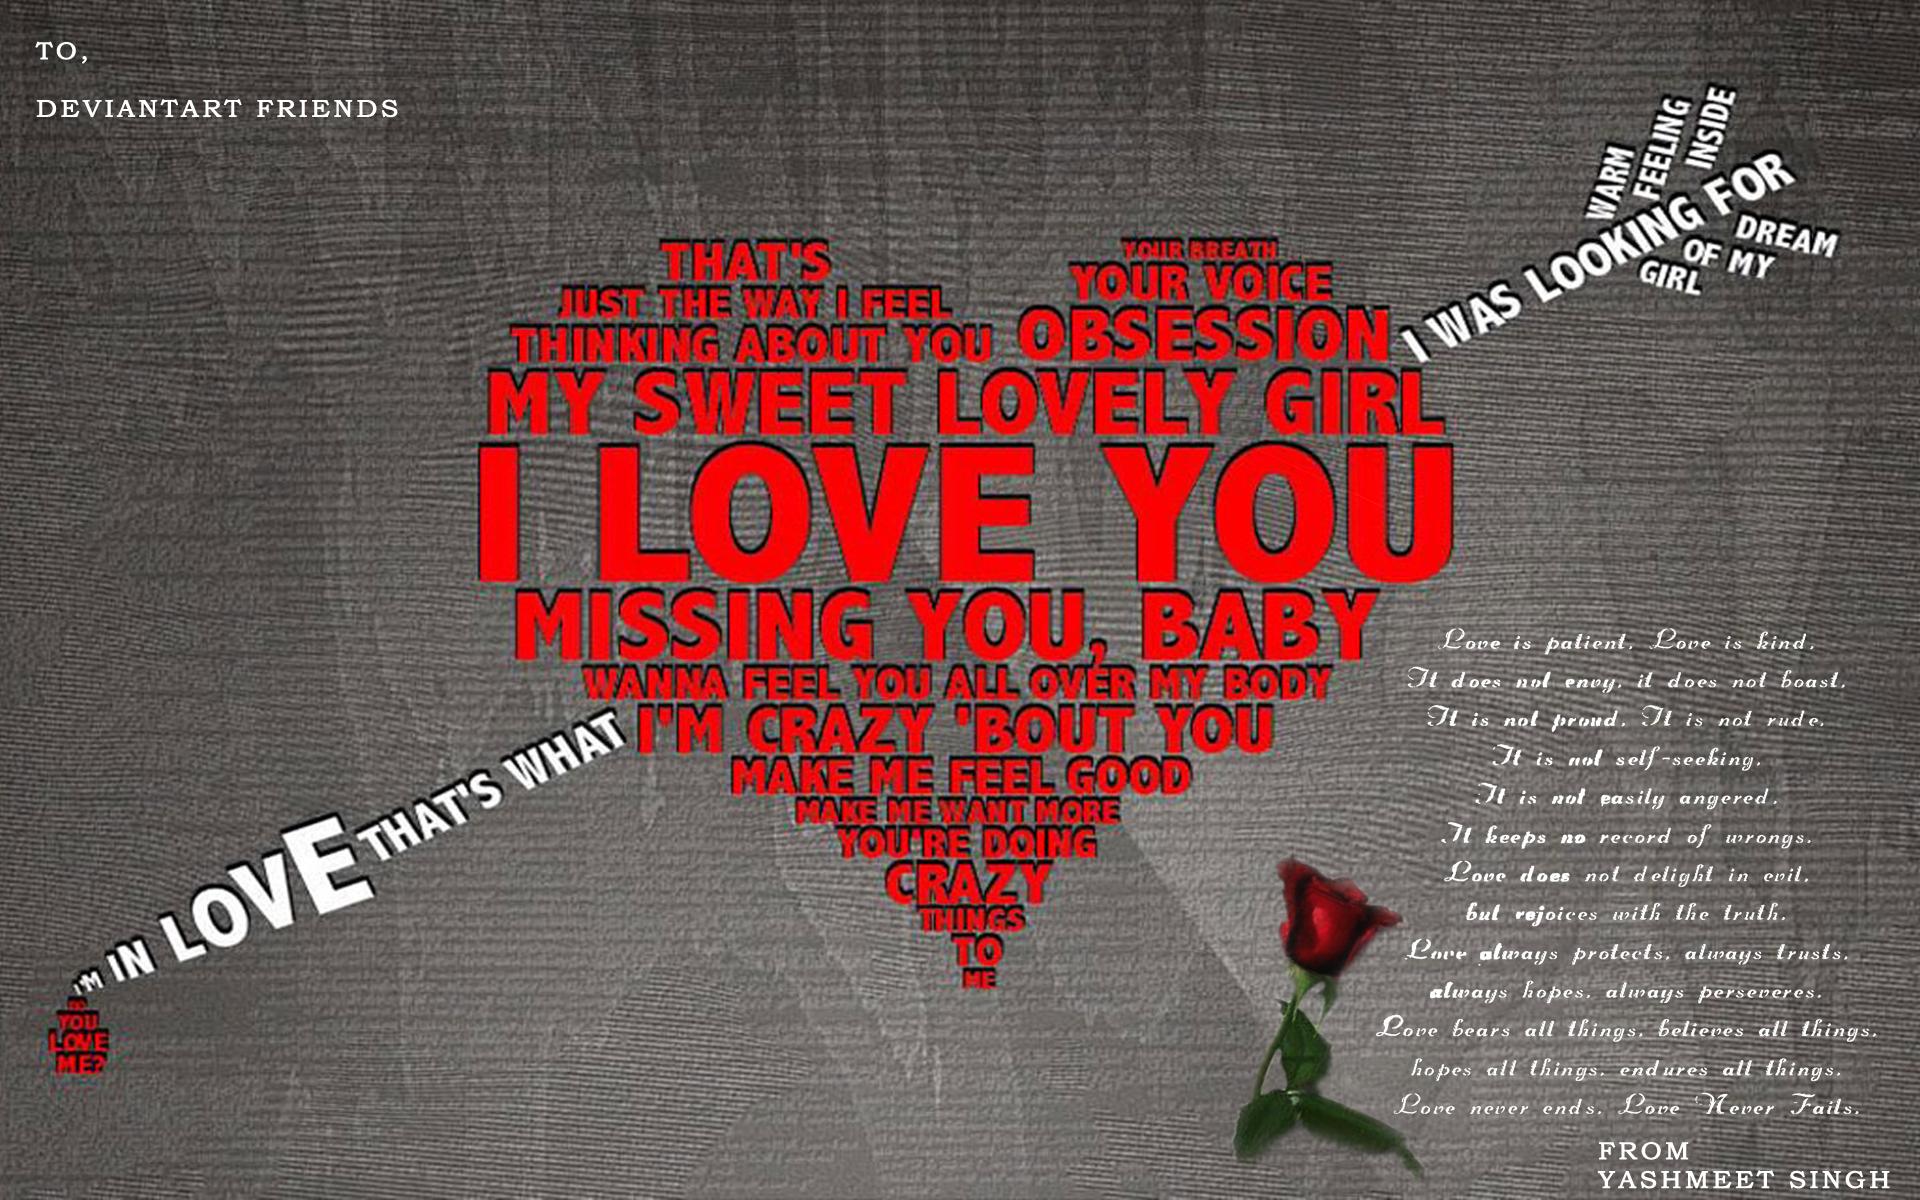 I love you, heart, сурдце из слов - Я люблю тебя, проткнутое стрелой, скачать фото, обои для рабочего стола